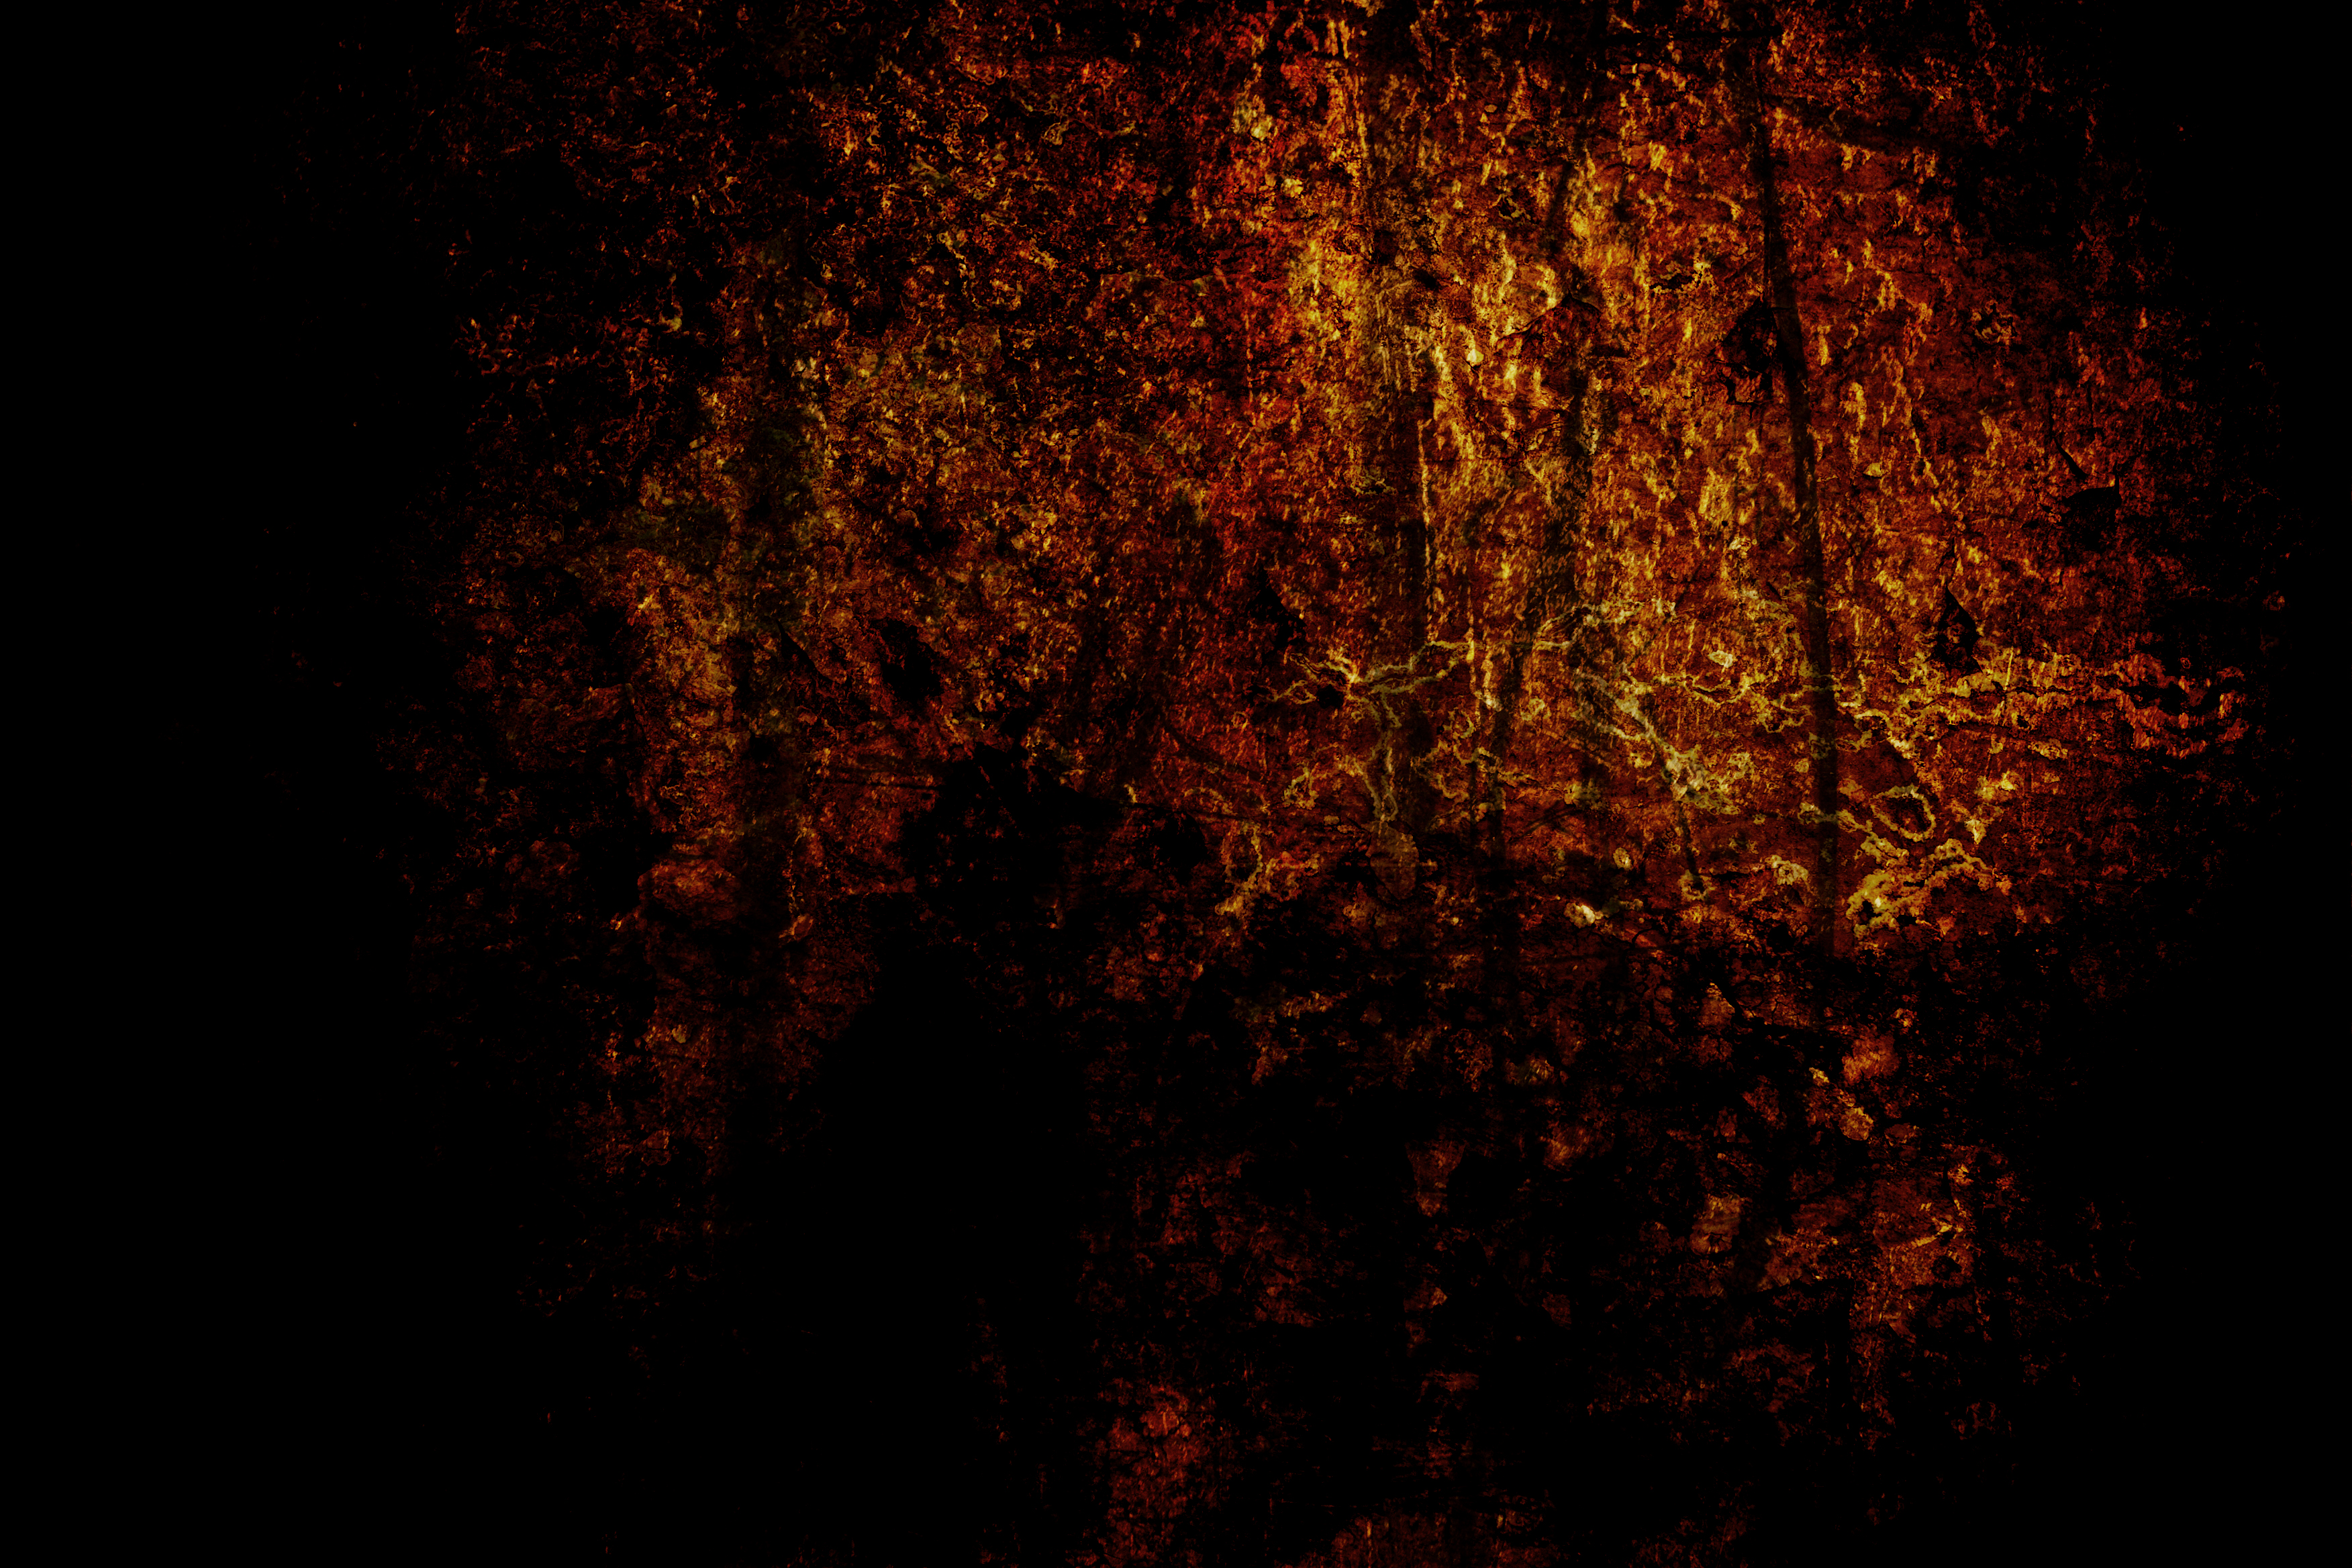 Scratched Grunge Texture, Black, Brown, Damaged, Dark, HQ Photo